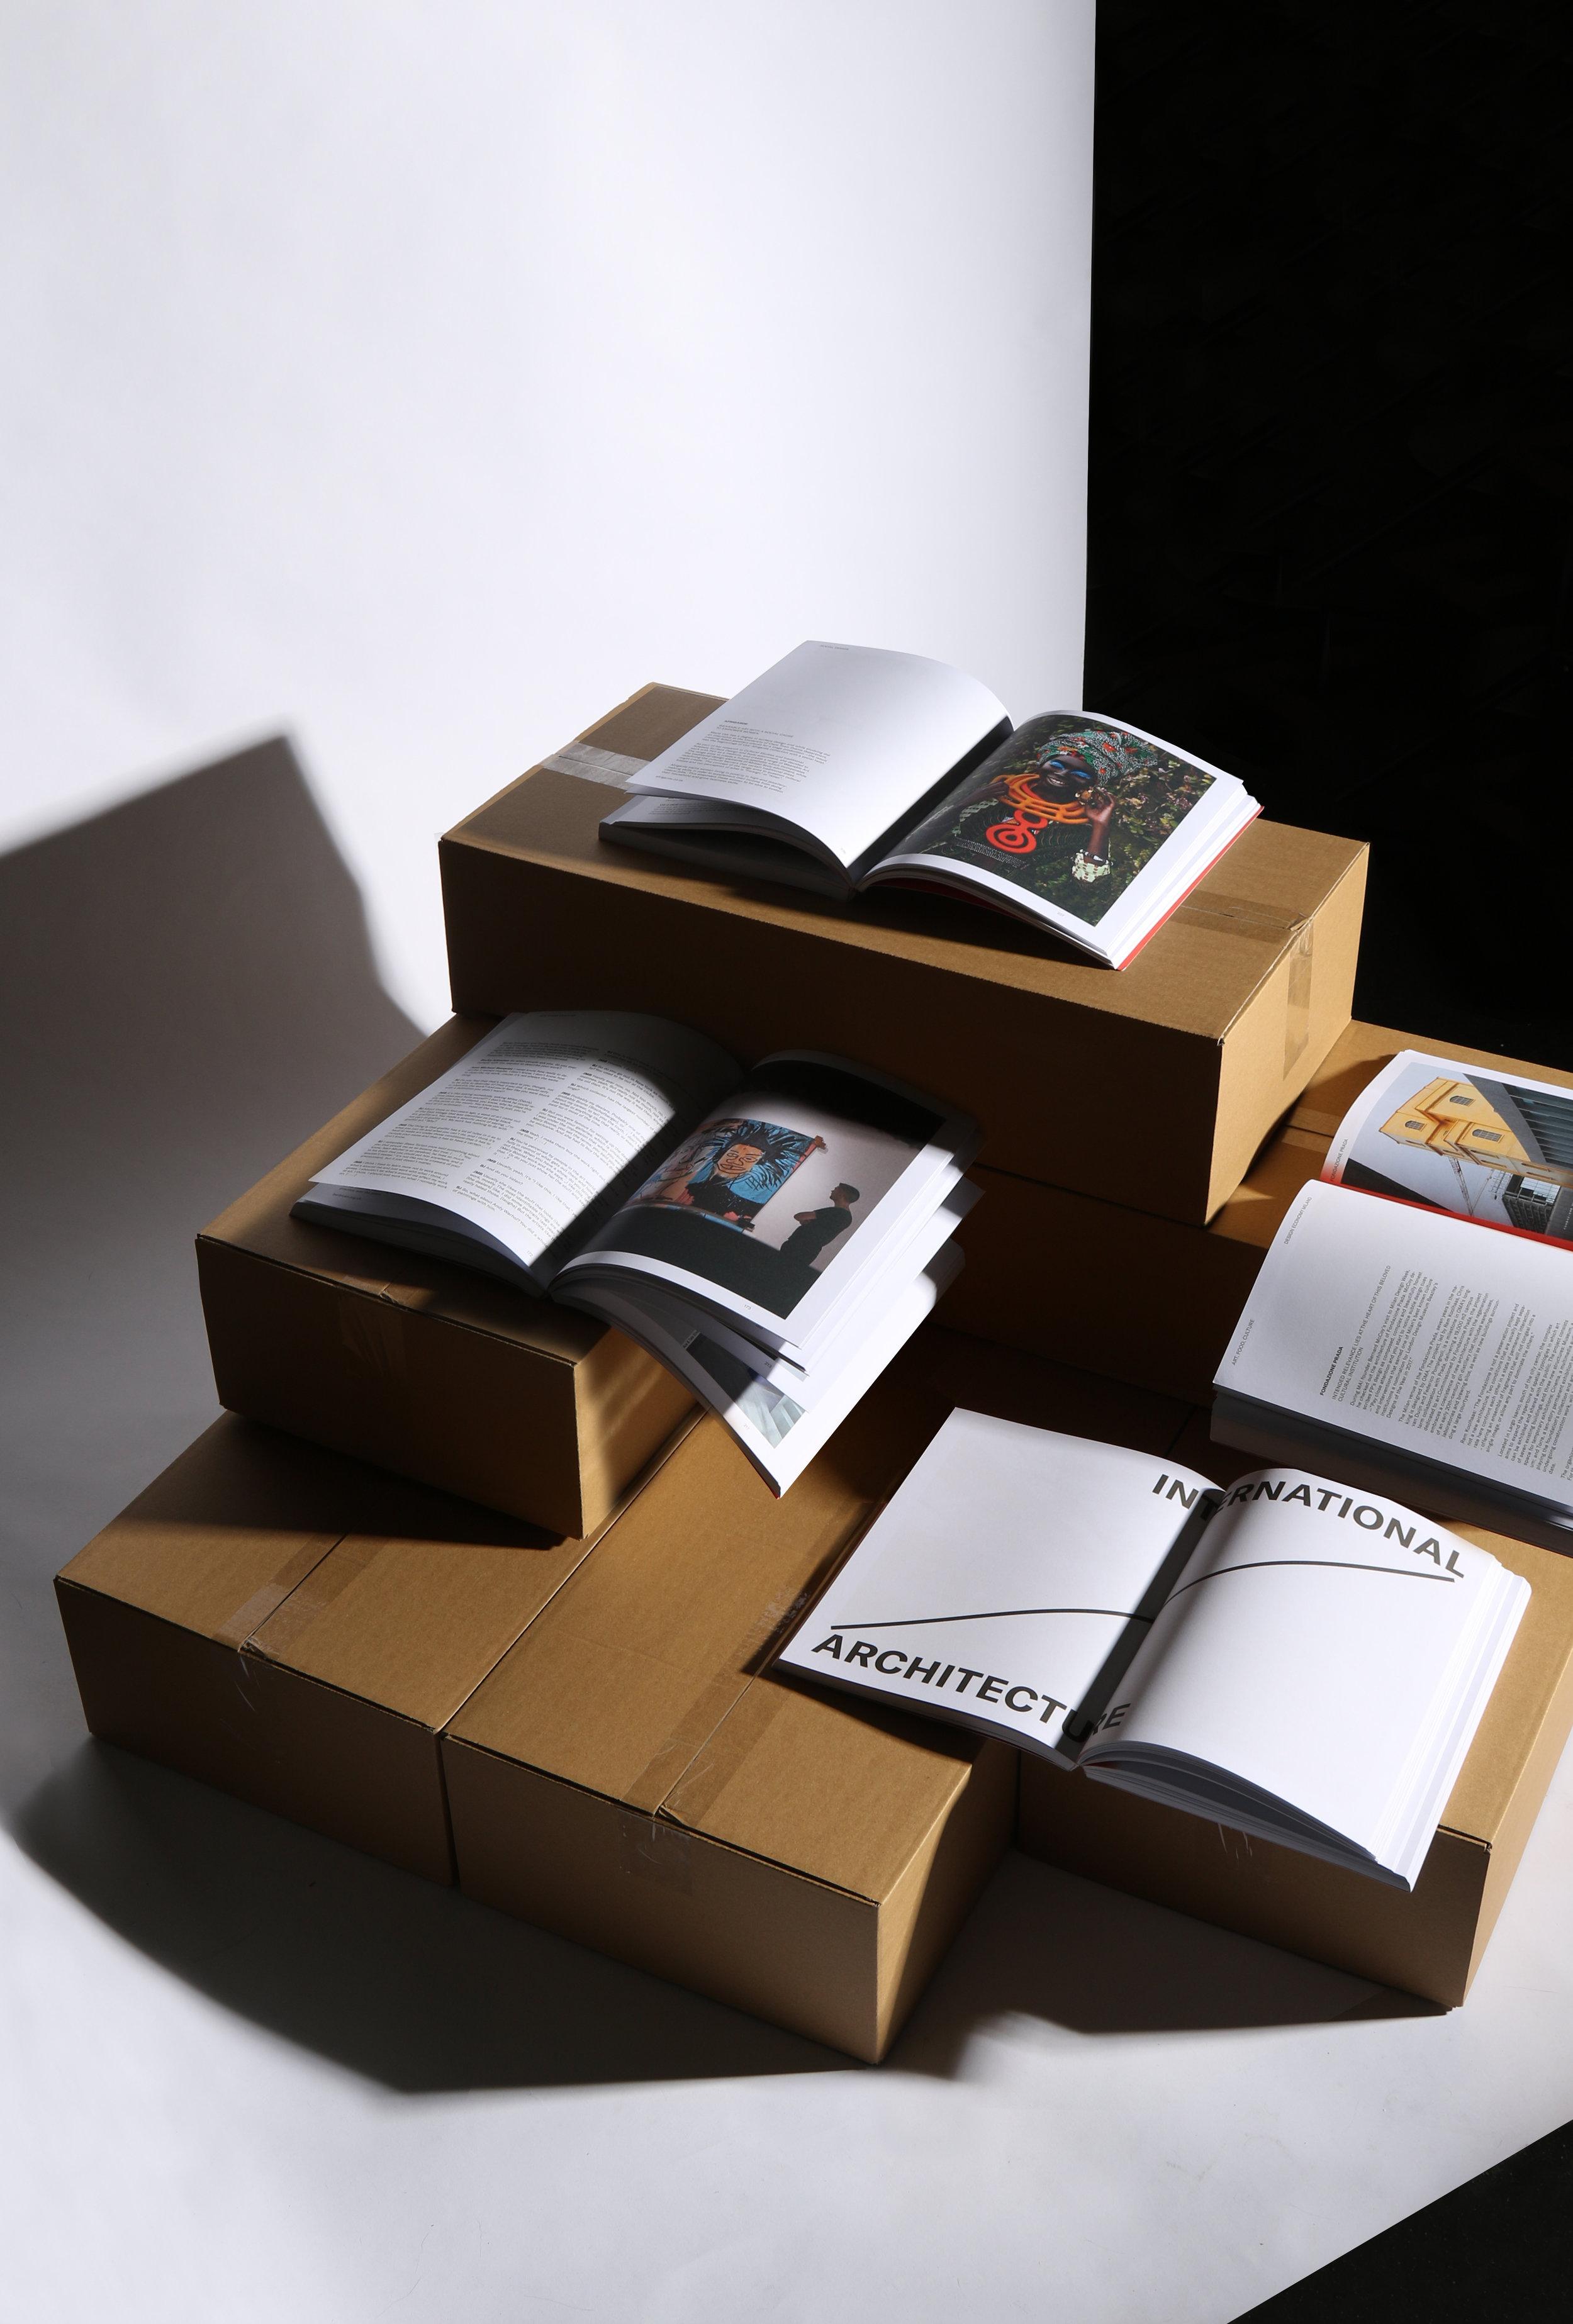 Studio-Verena-Hennig-Atlanta-Design-Festival-Book-2018-2.jpg